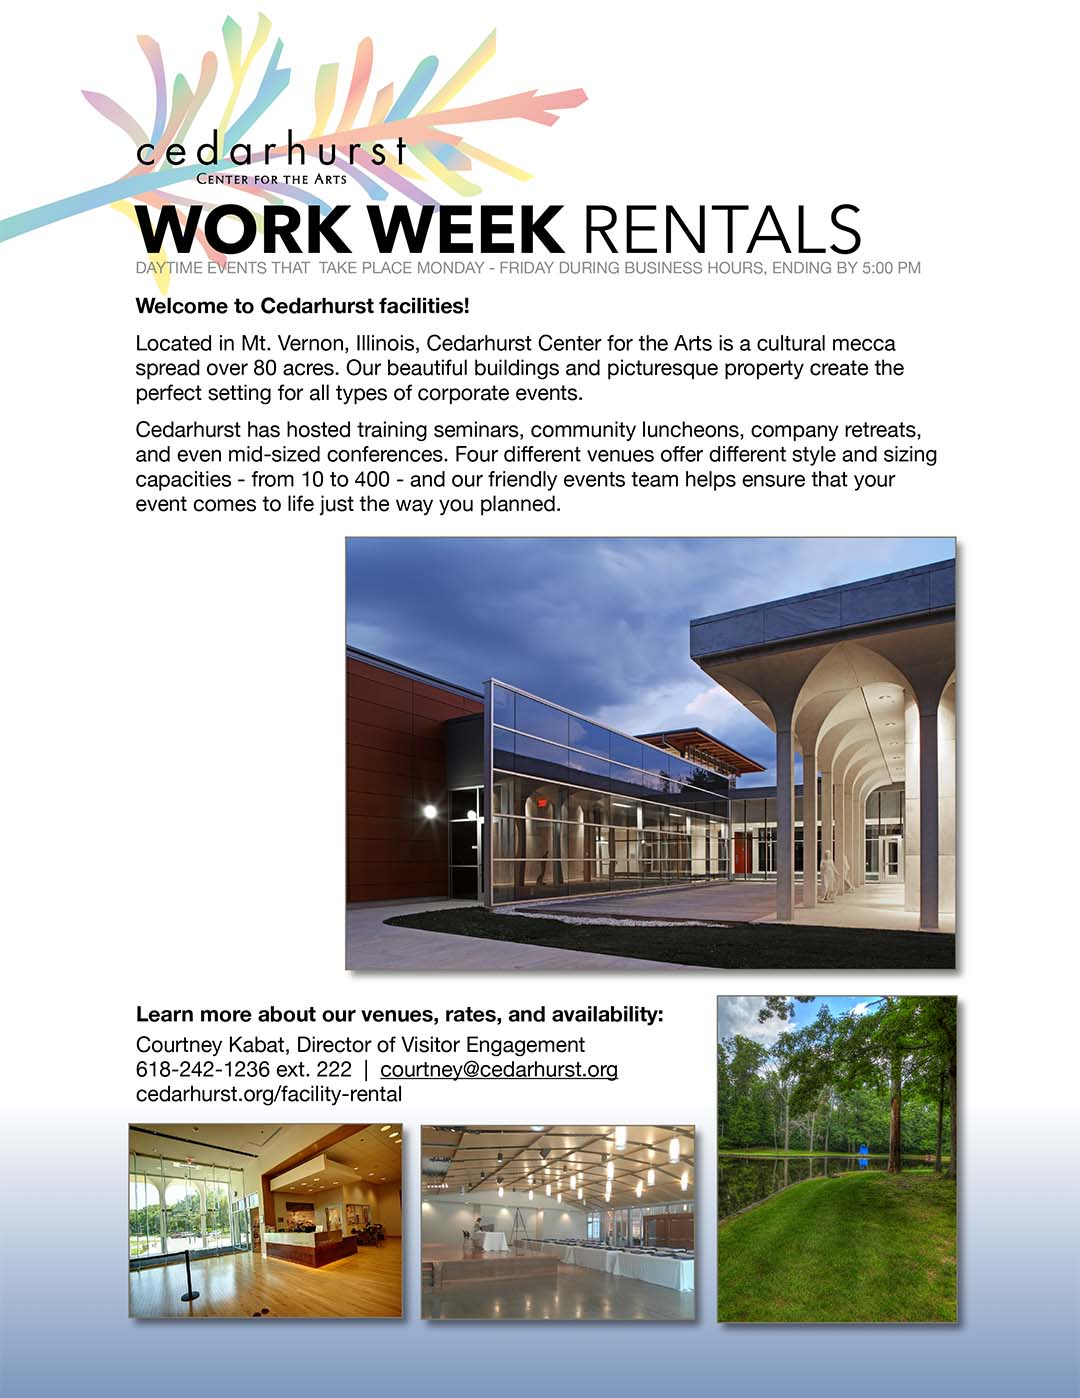 Work Week Rentals at Cedarhurst